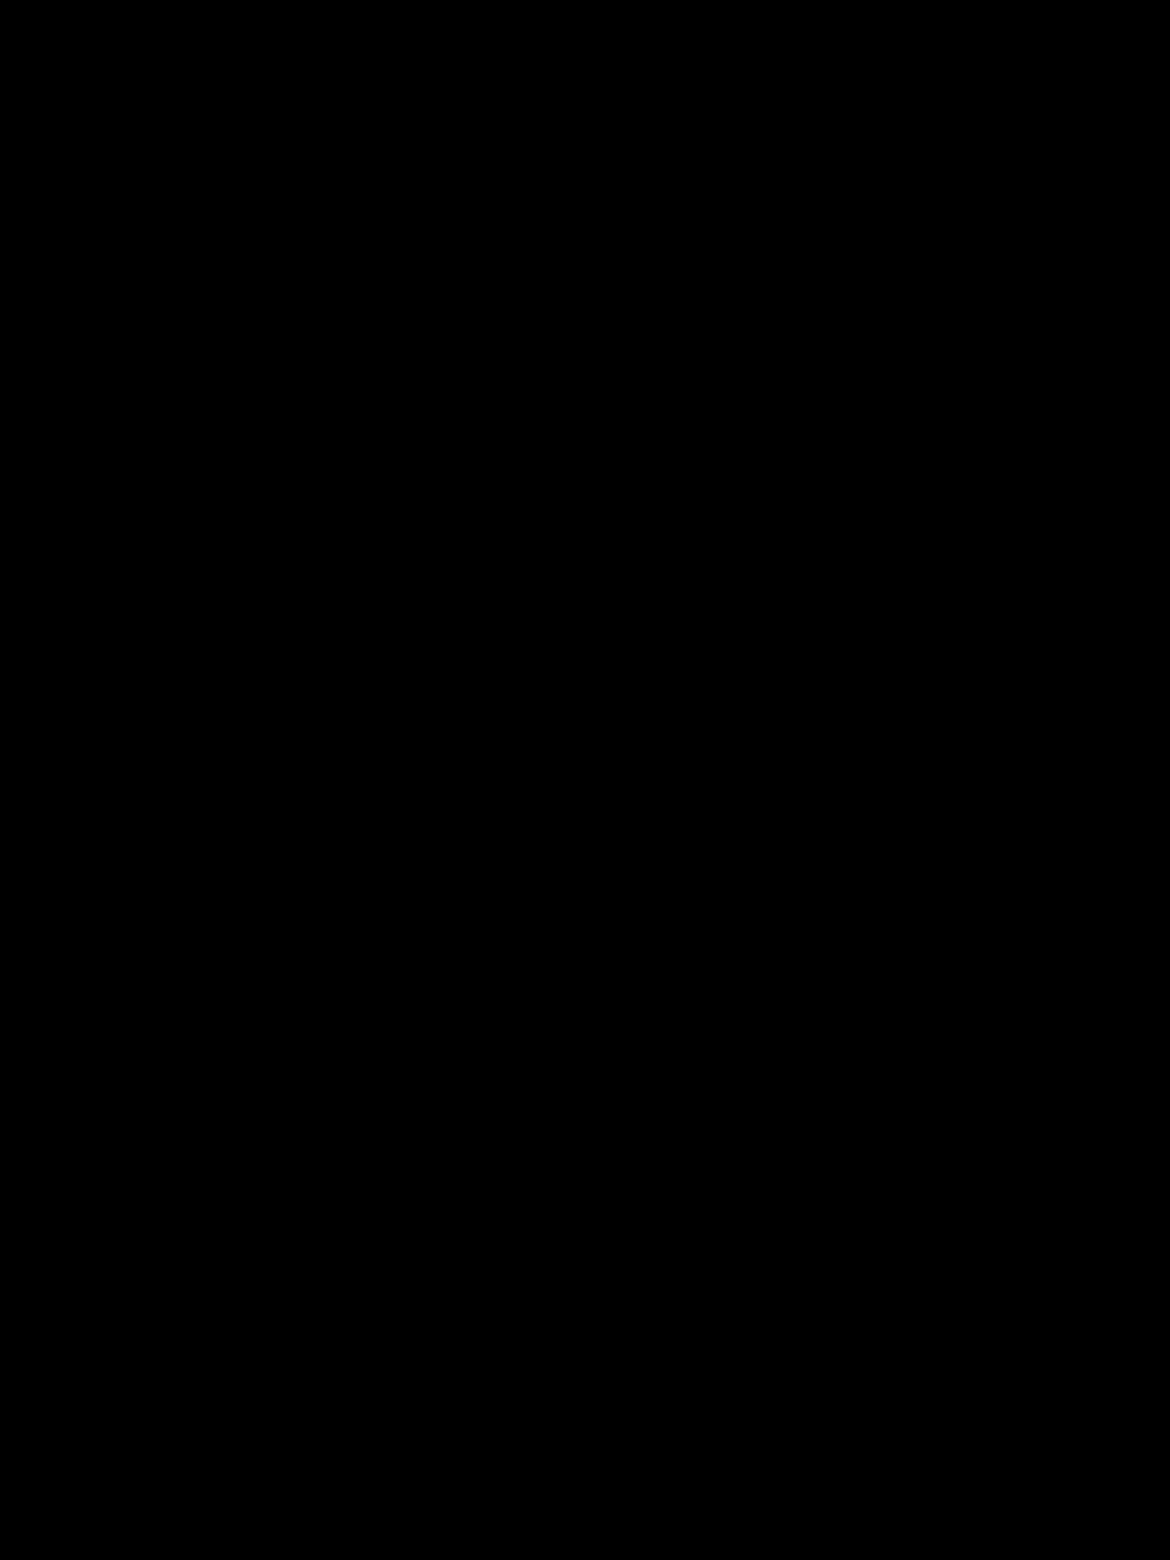 Visitare Mosca a Capodanno: I miei consigli - Tsum